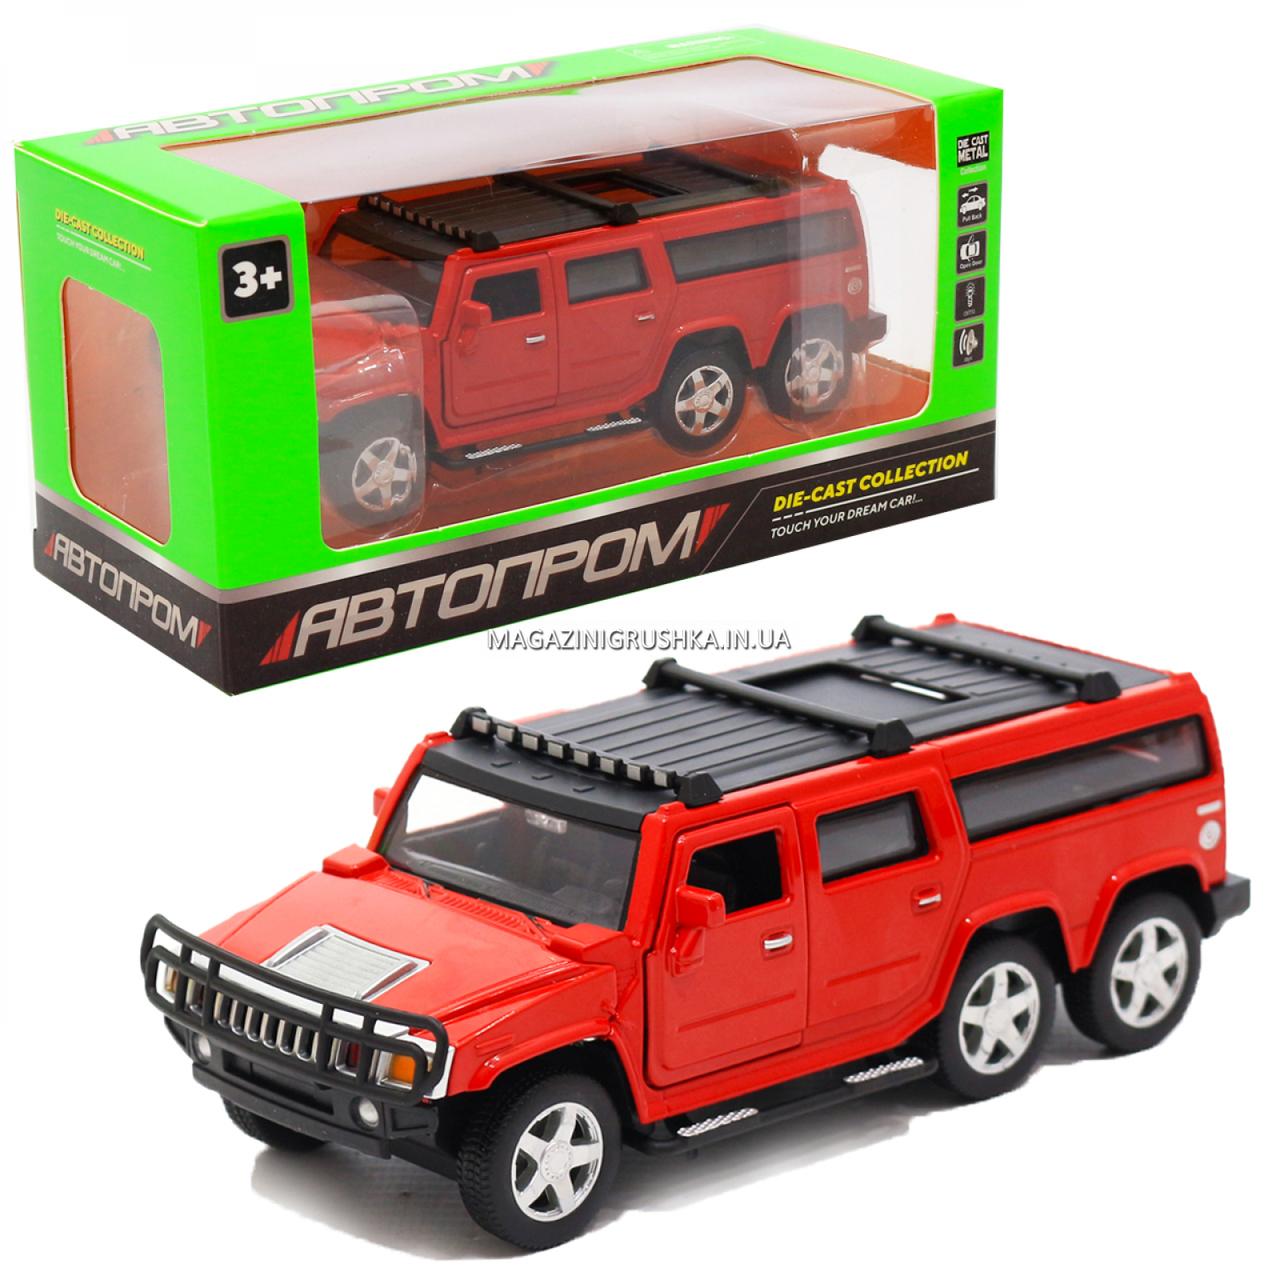 Іграшкова машинка металева джип «Hummer», Автопром, червоний, 6*16*6 см, від 3 років, (6618)